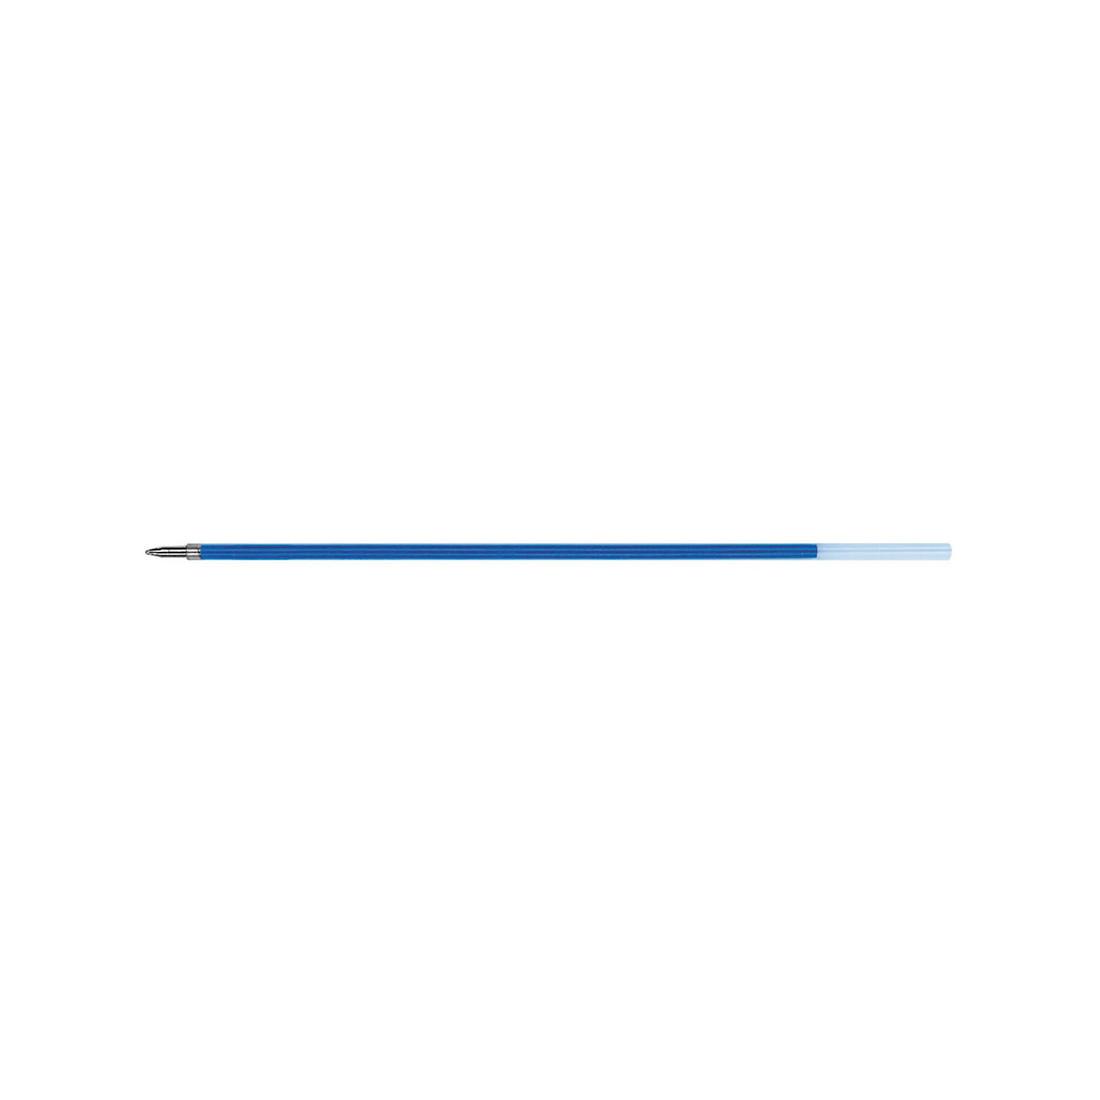 Стержень шариковый 1.0 ErichKrause®, 140мм, для ручек R-301, цвет чернил синий